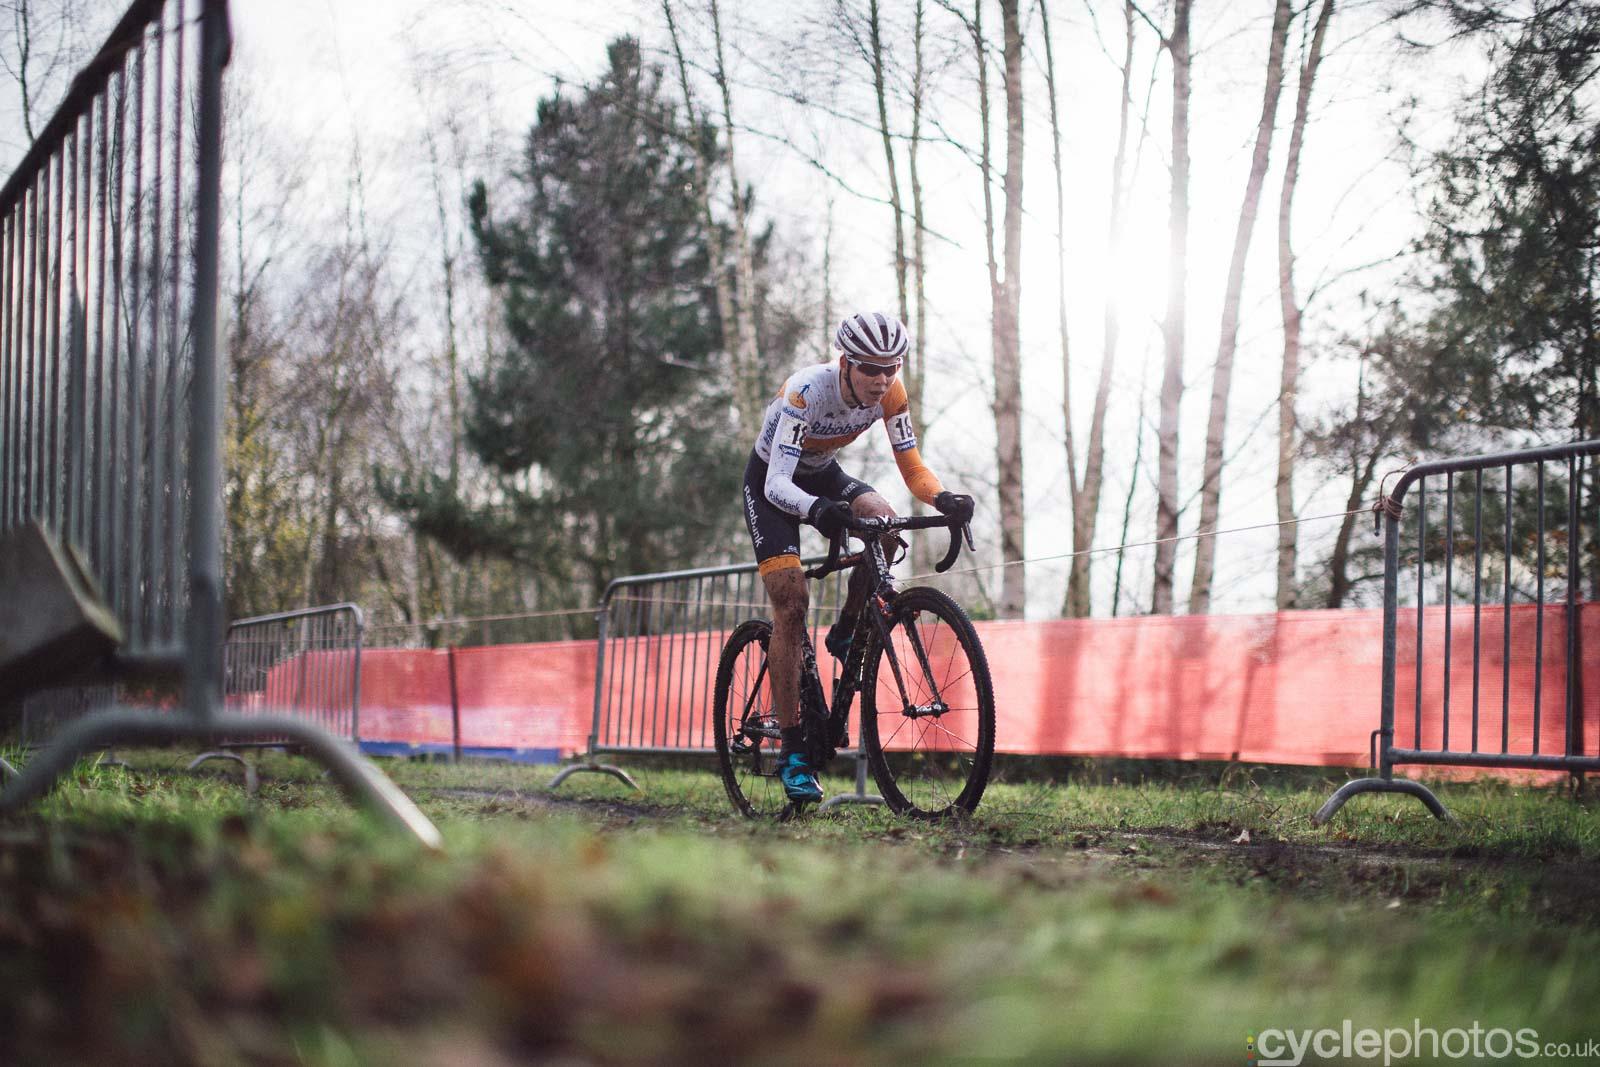 2015-cyclephotos-cyclocross-essen-142246-thalita-de-jong